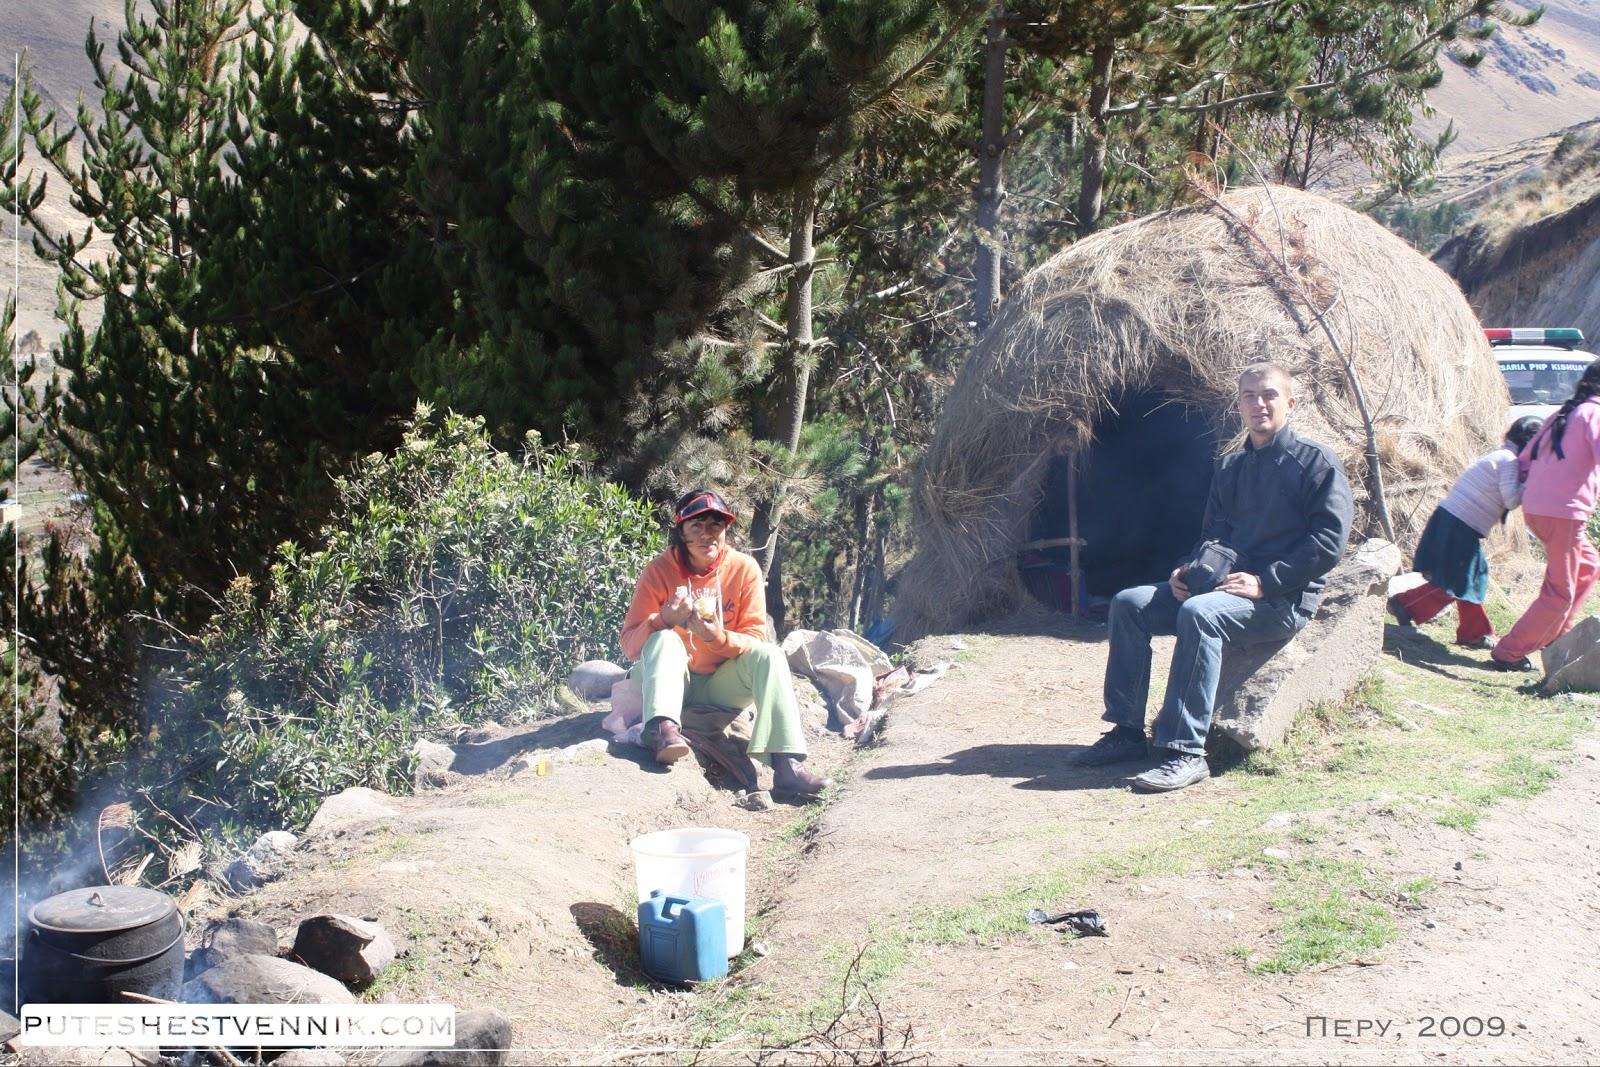 Путешественник и перуанцы у хижины